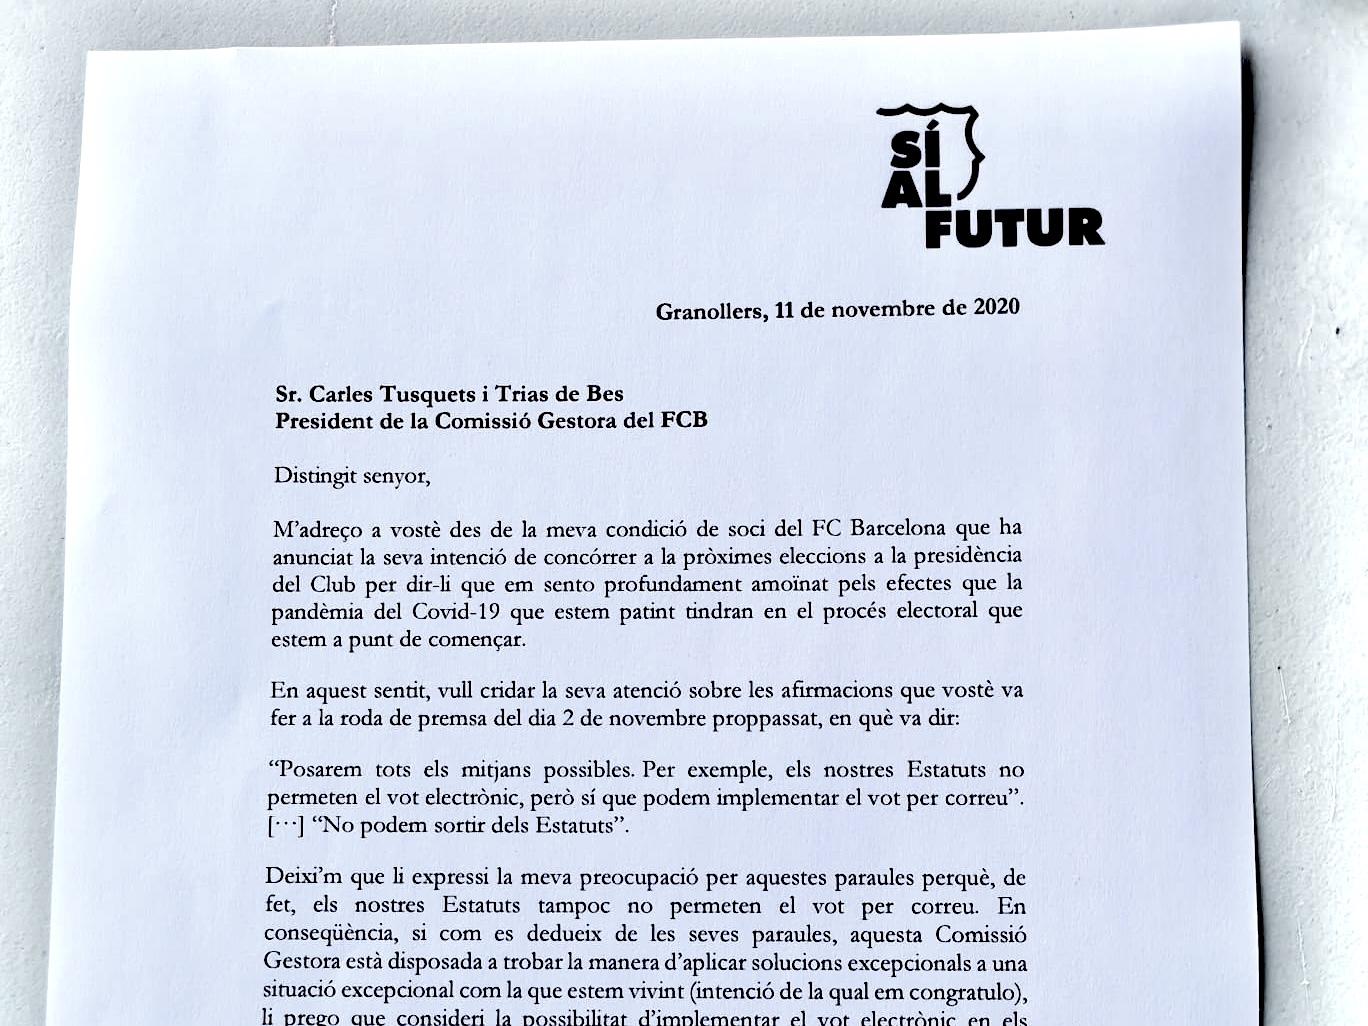 Víctor Font demana a la Comissió Gestora del FC Barcelona que implementi el vot electrònic a les properes eleccions a la presidència